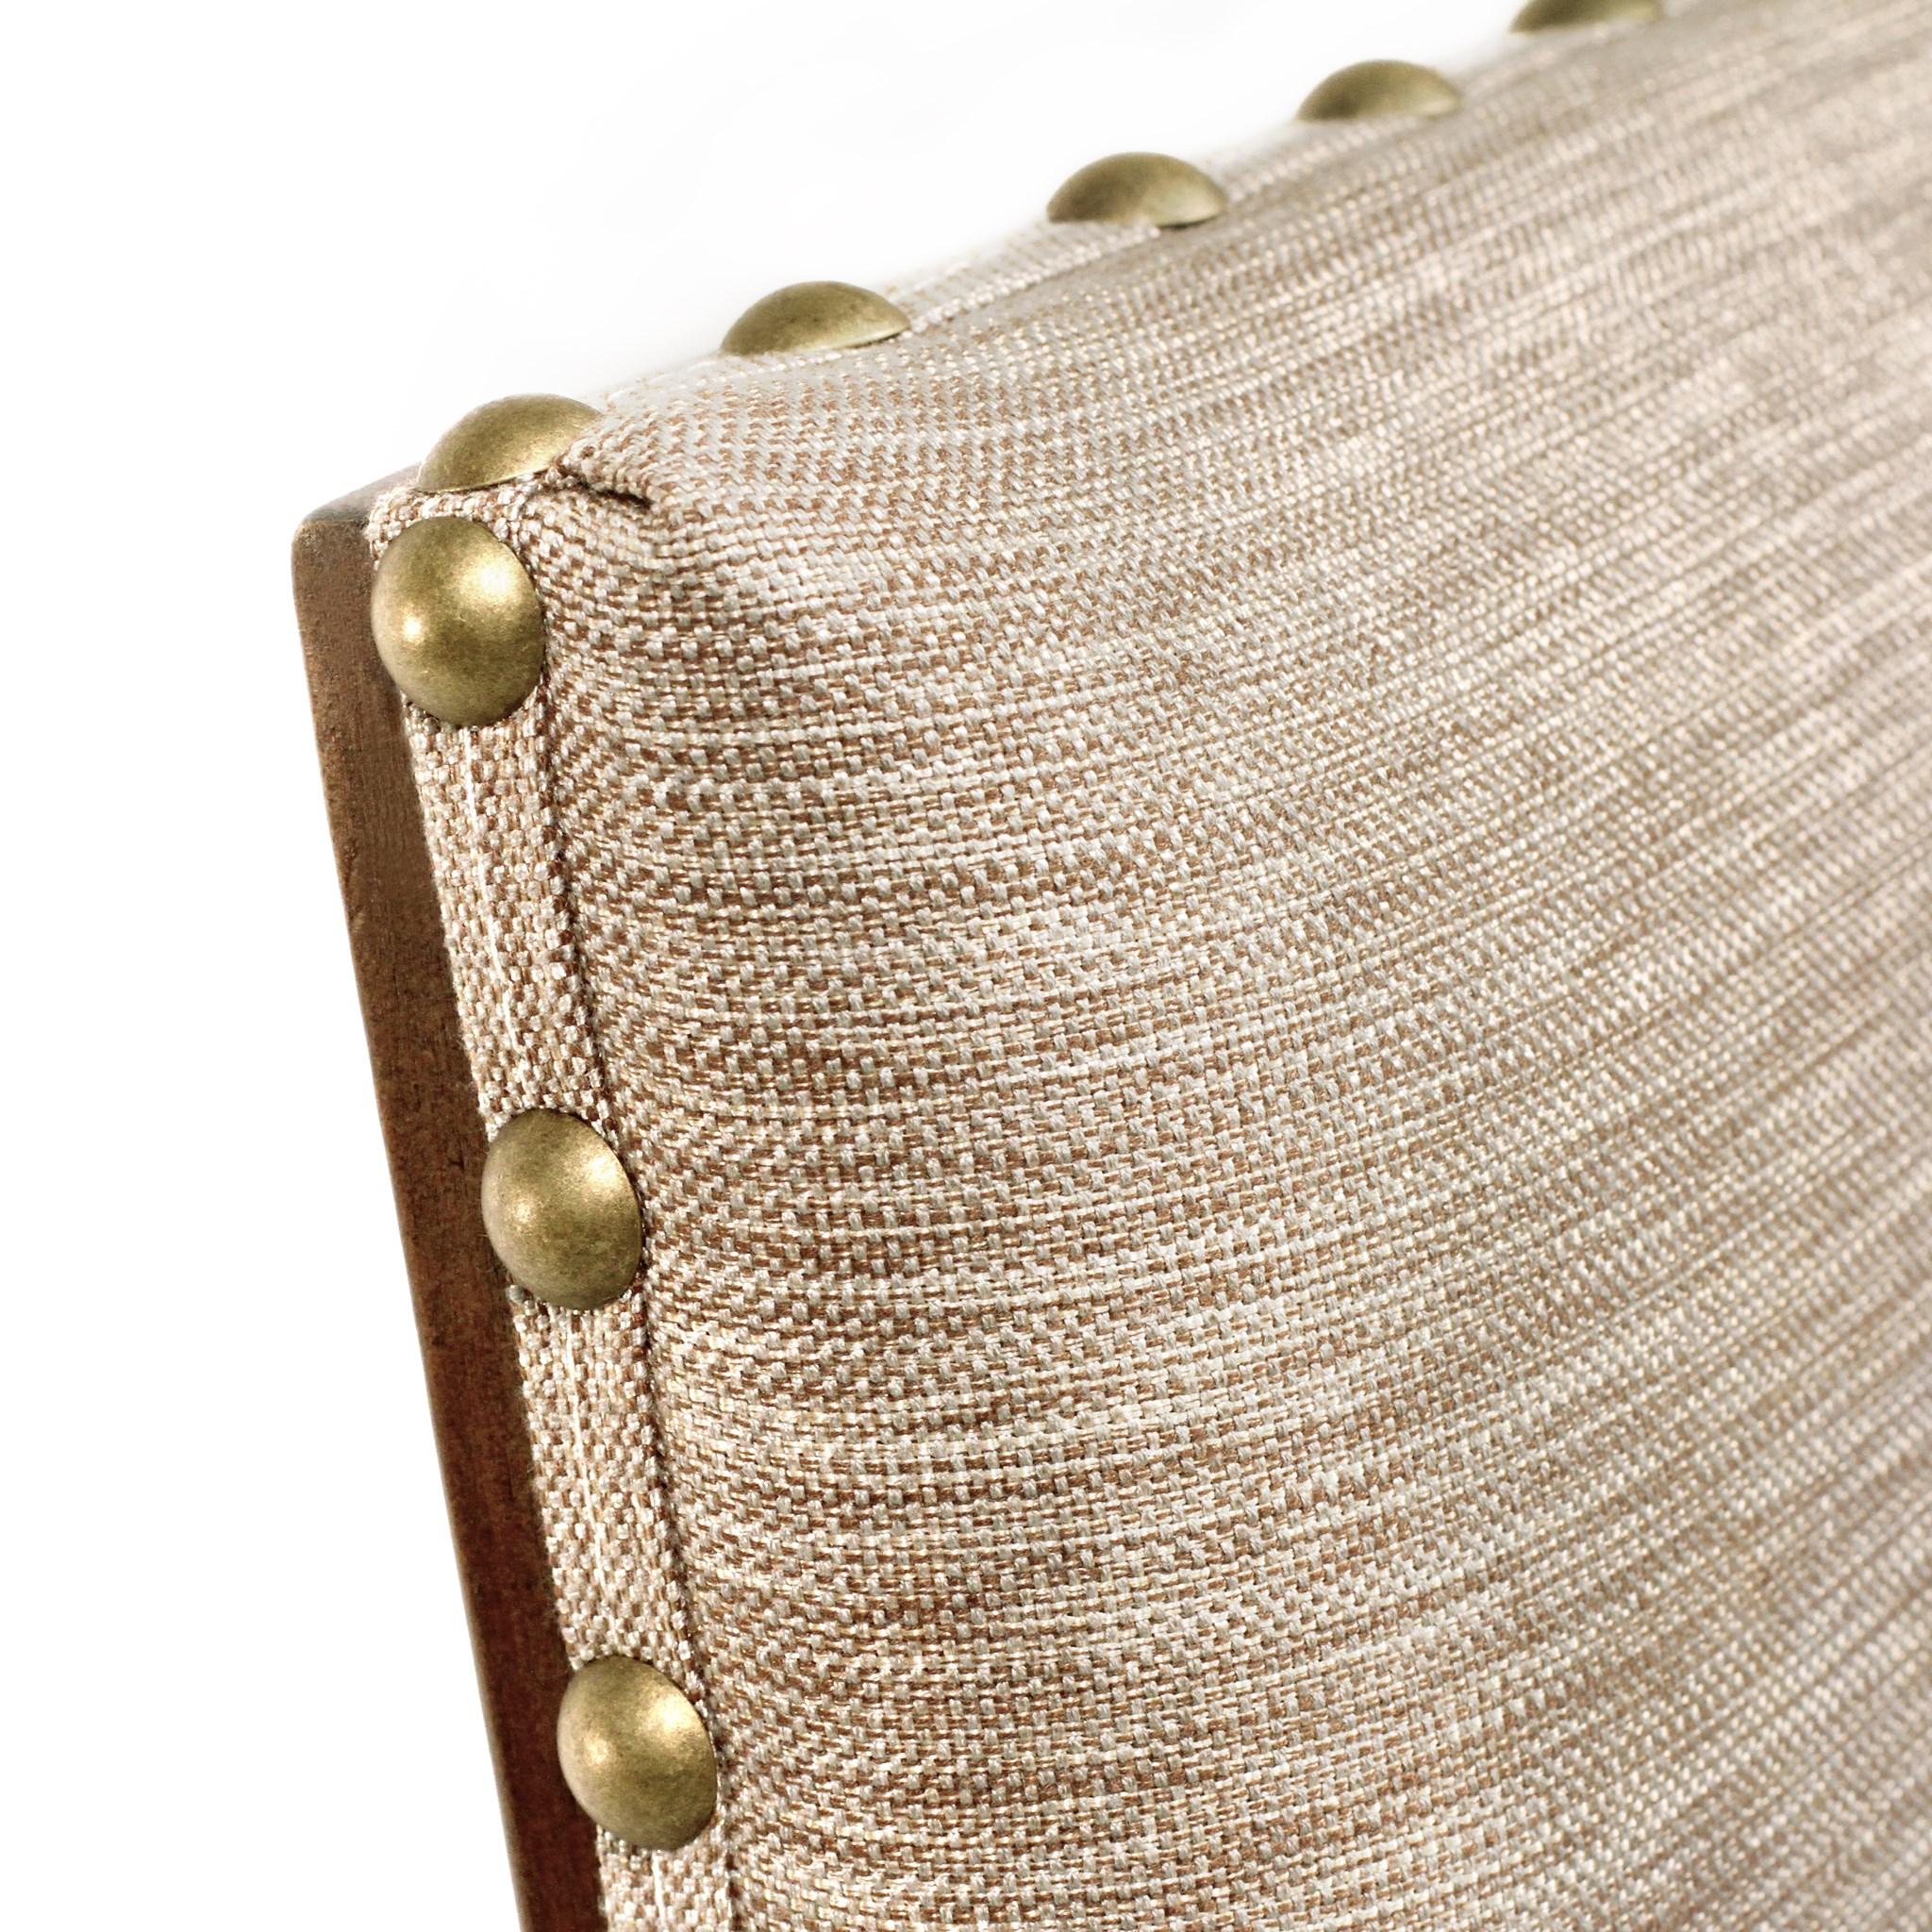 Norah Chair Davis Pewter / P110 Brown